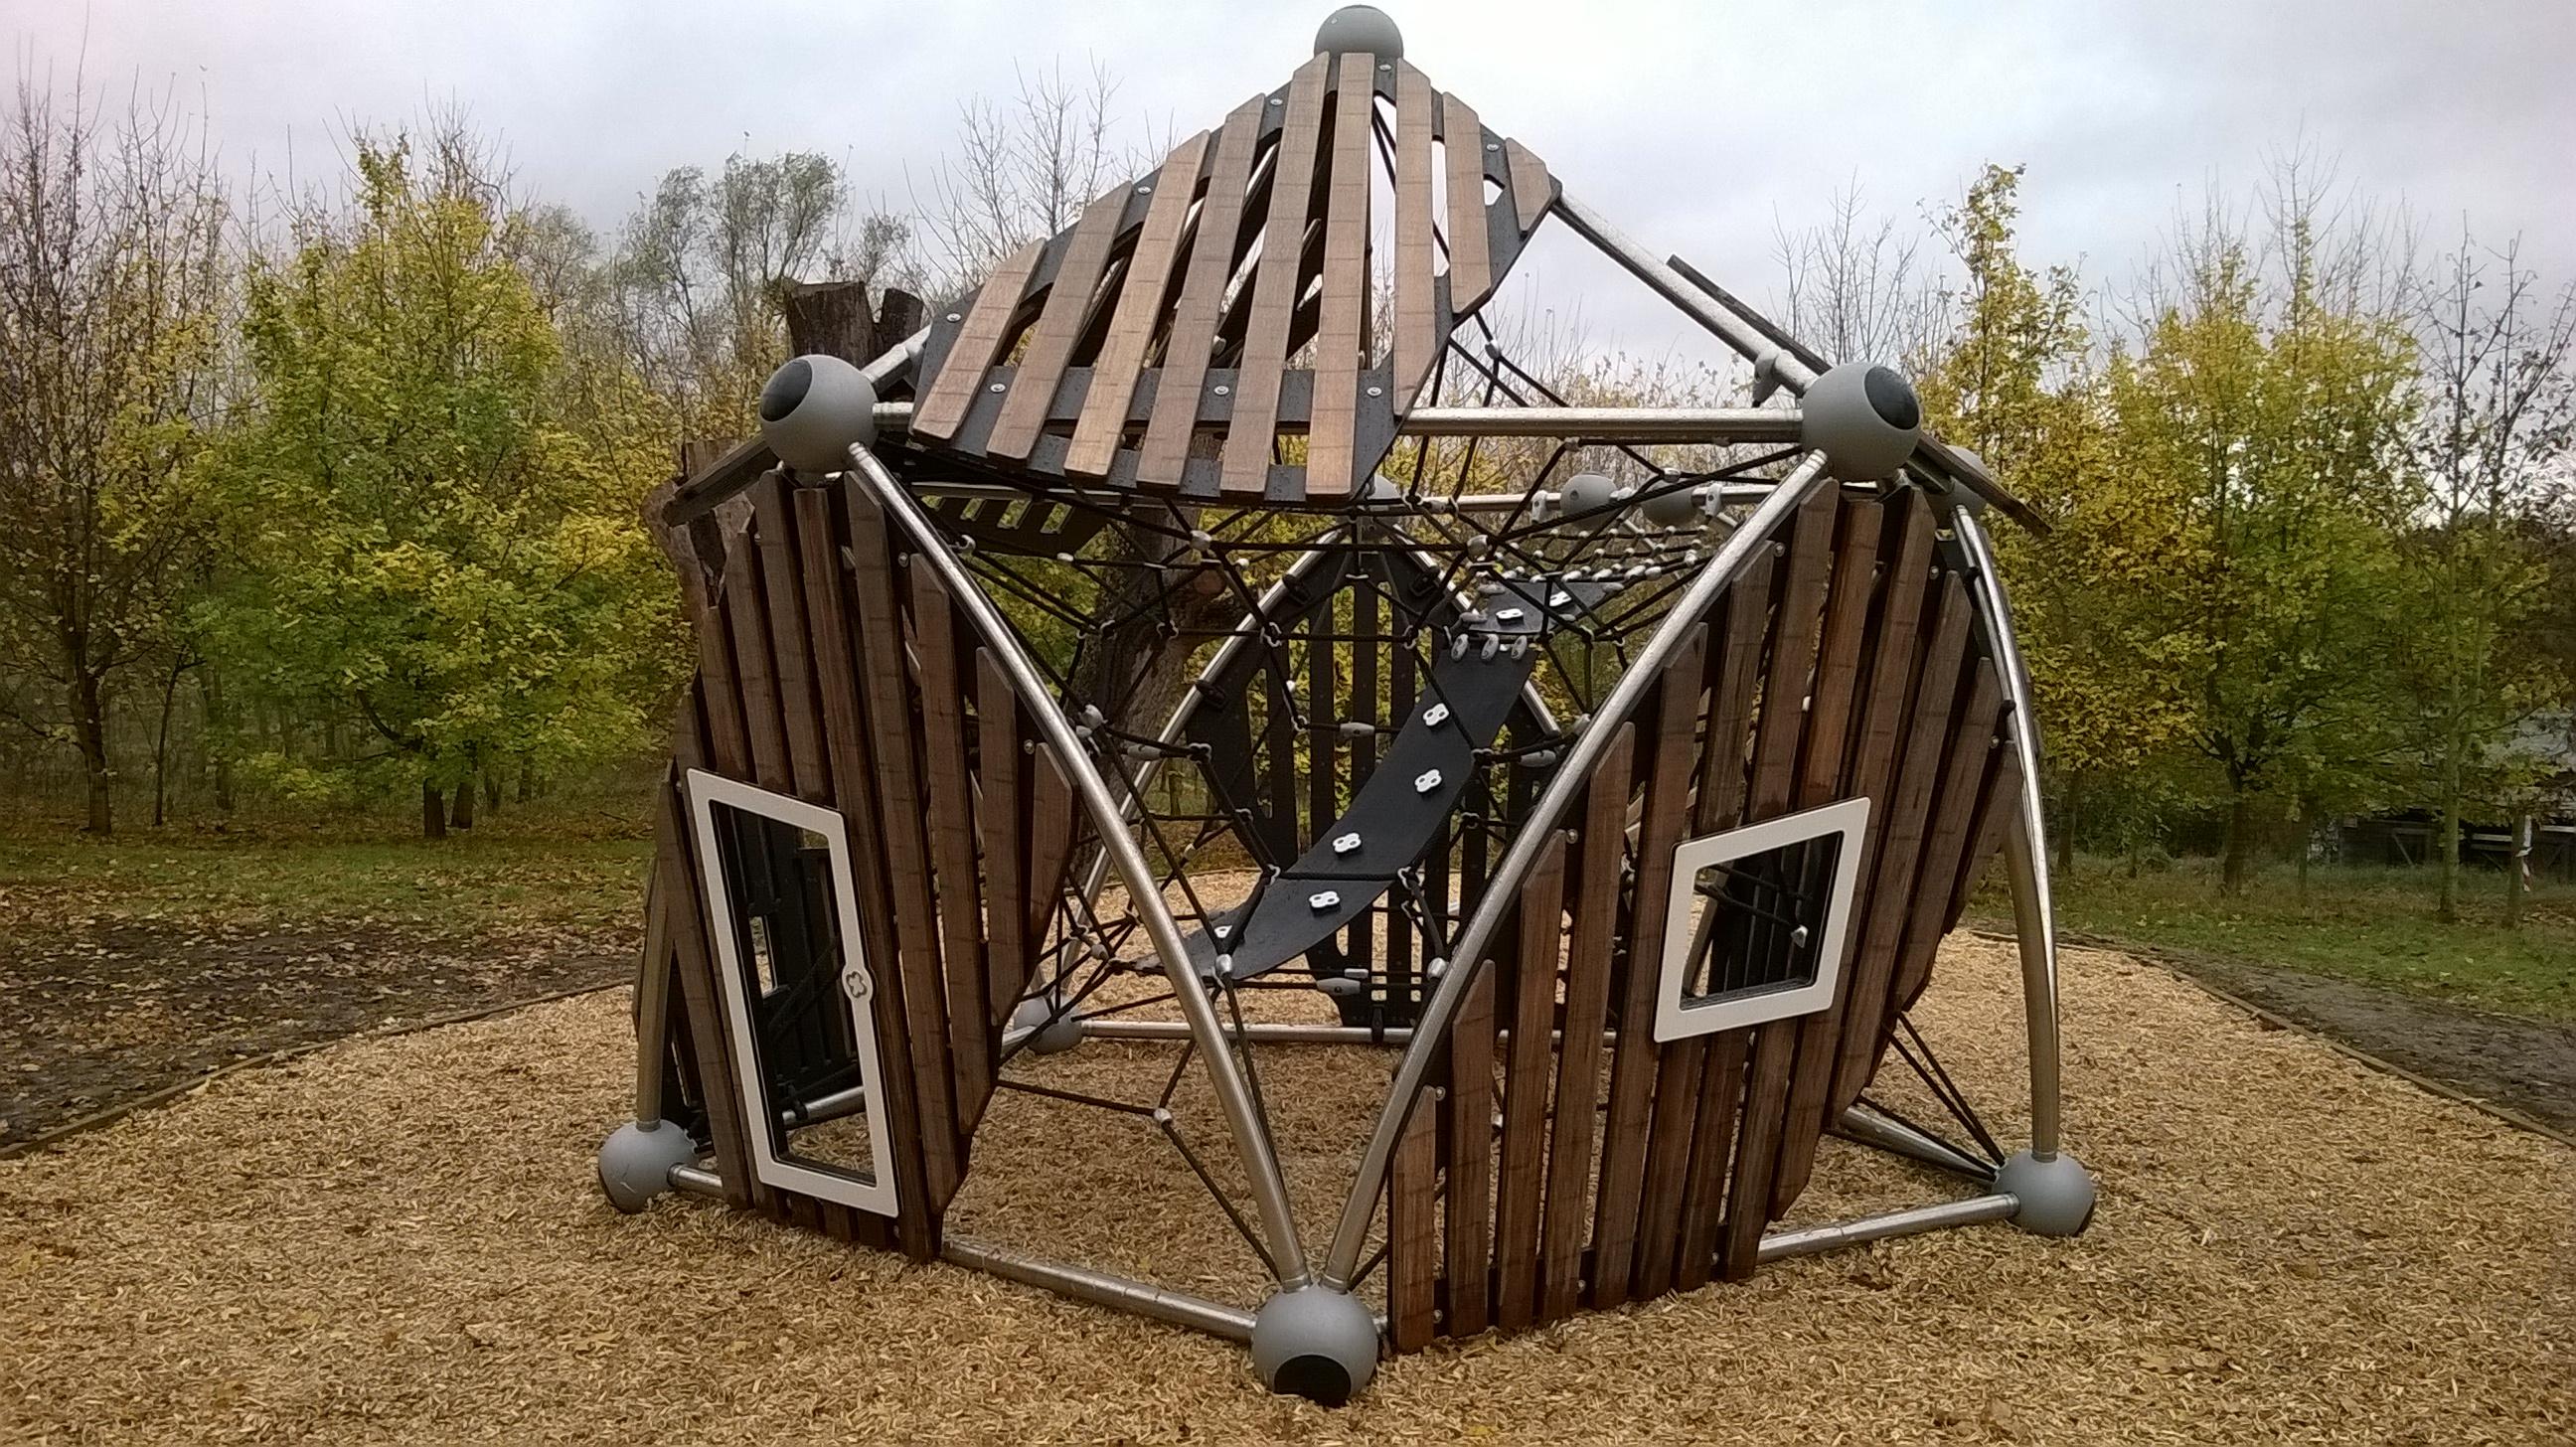 Une aire de jeux atypique au parc de la boucle de for Parc de jeux yvelines